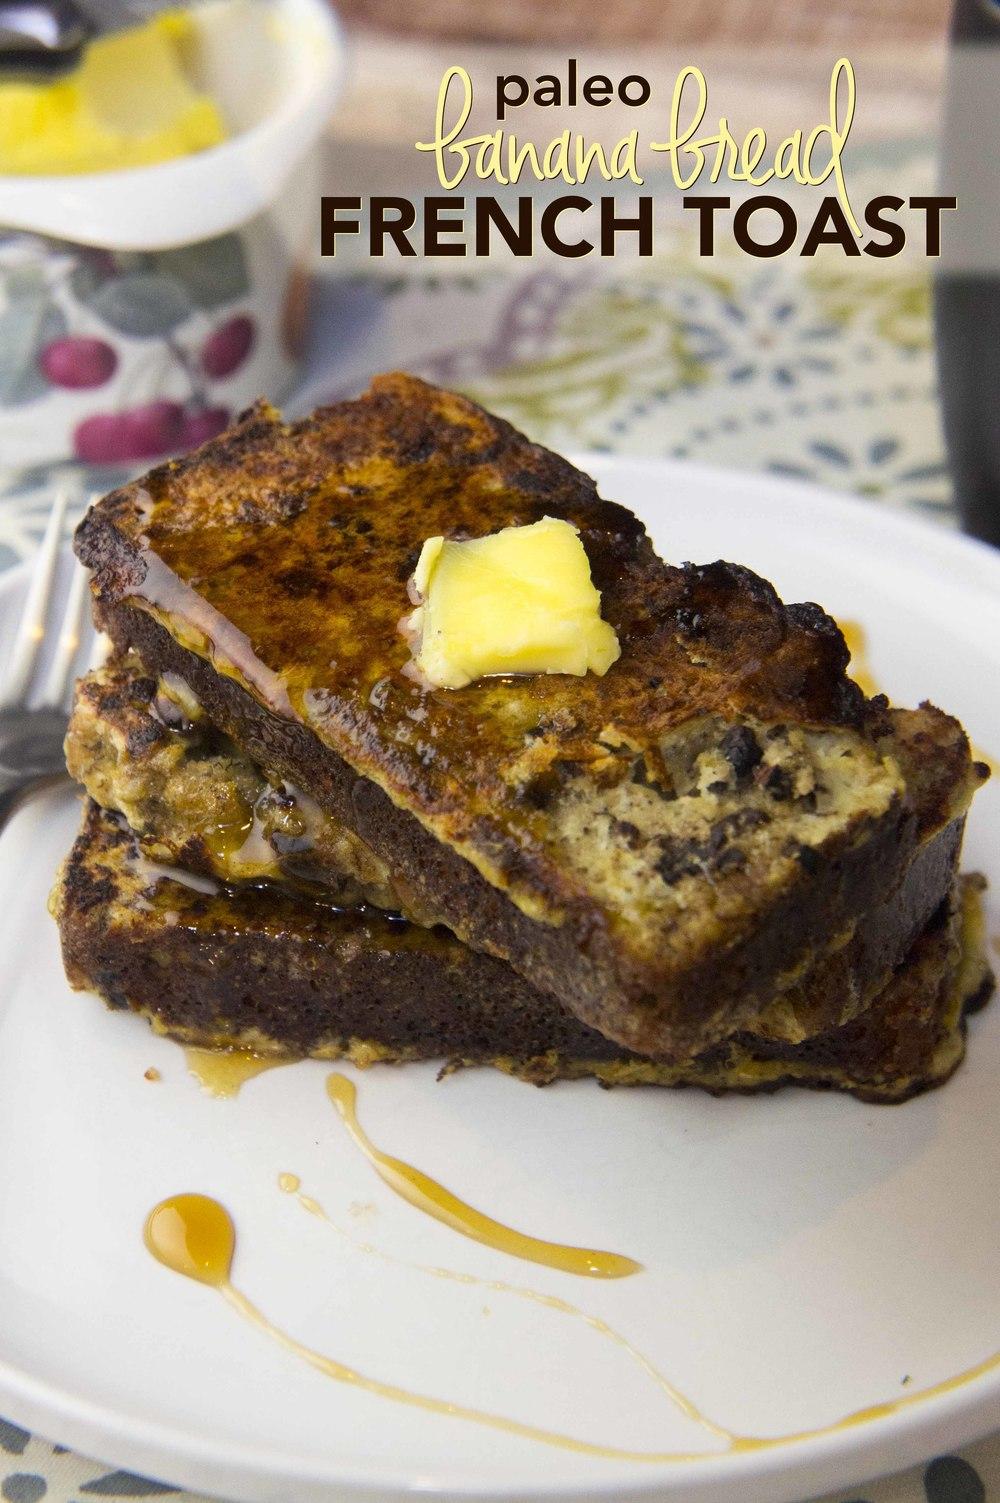 Paleo Banana Bread French Toast